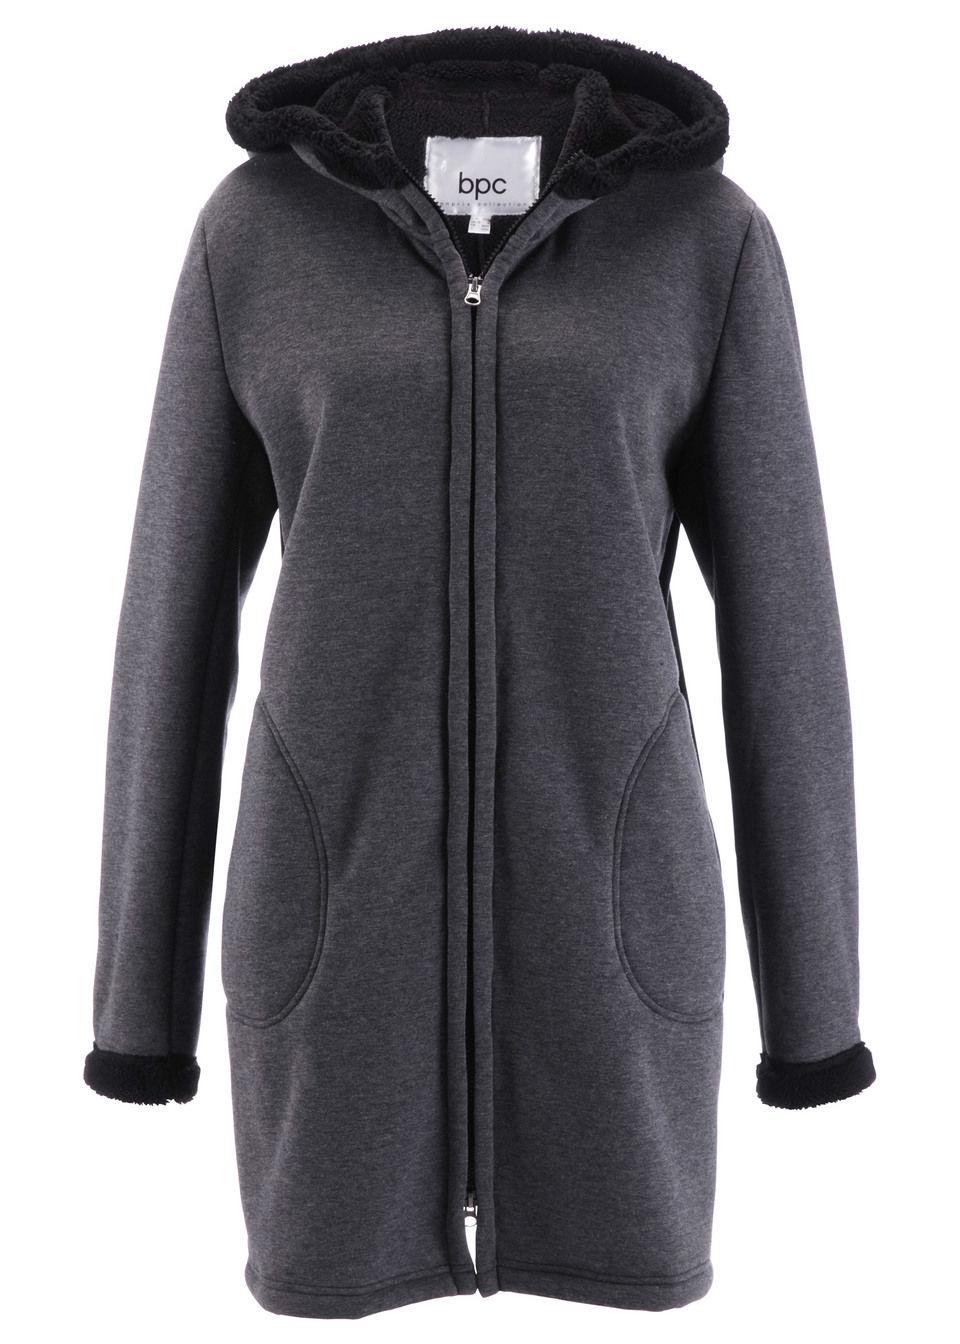 Трикотажная куртка на плюшевой подкладке от bonprix